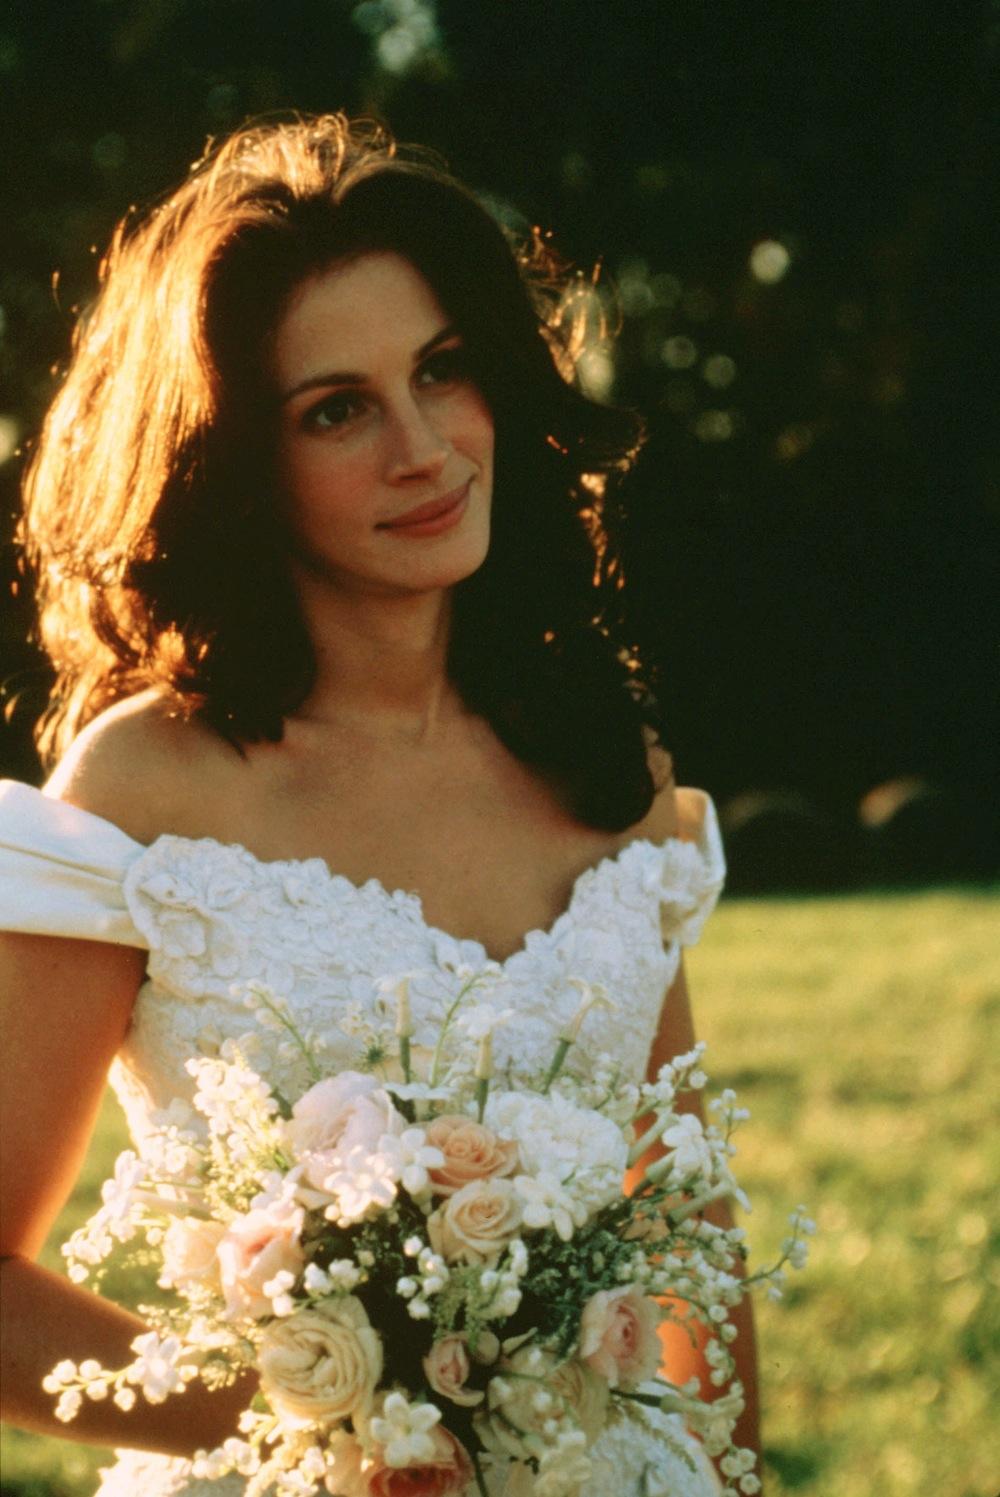 Сбежавшая невеста платье фильм